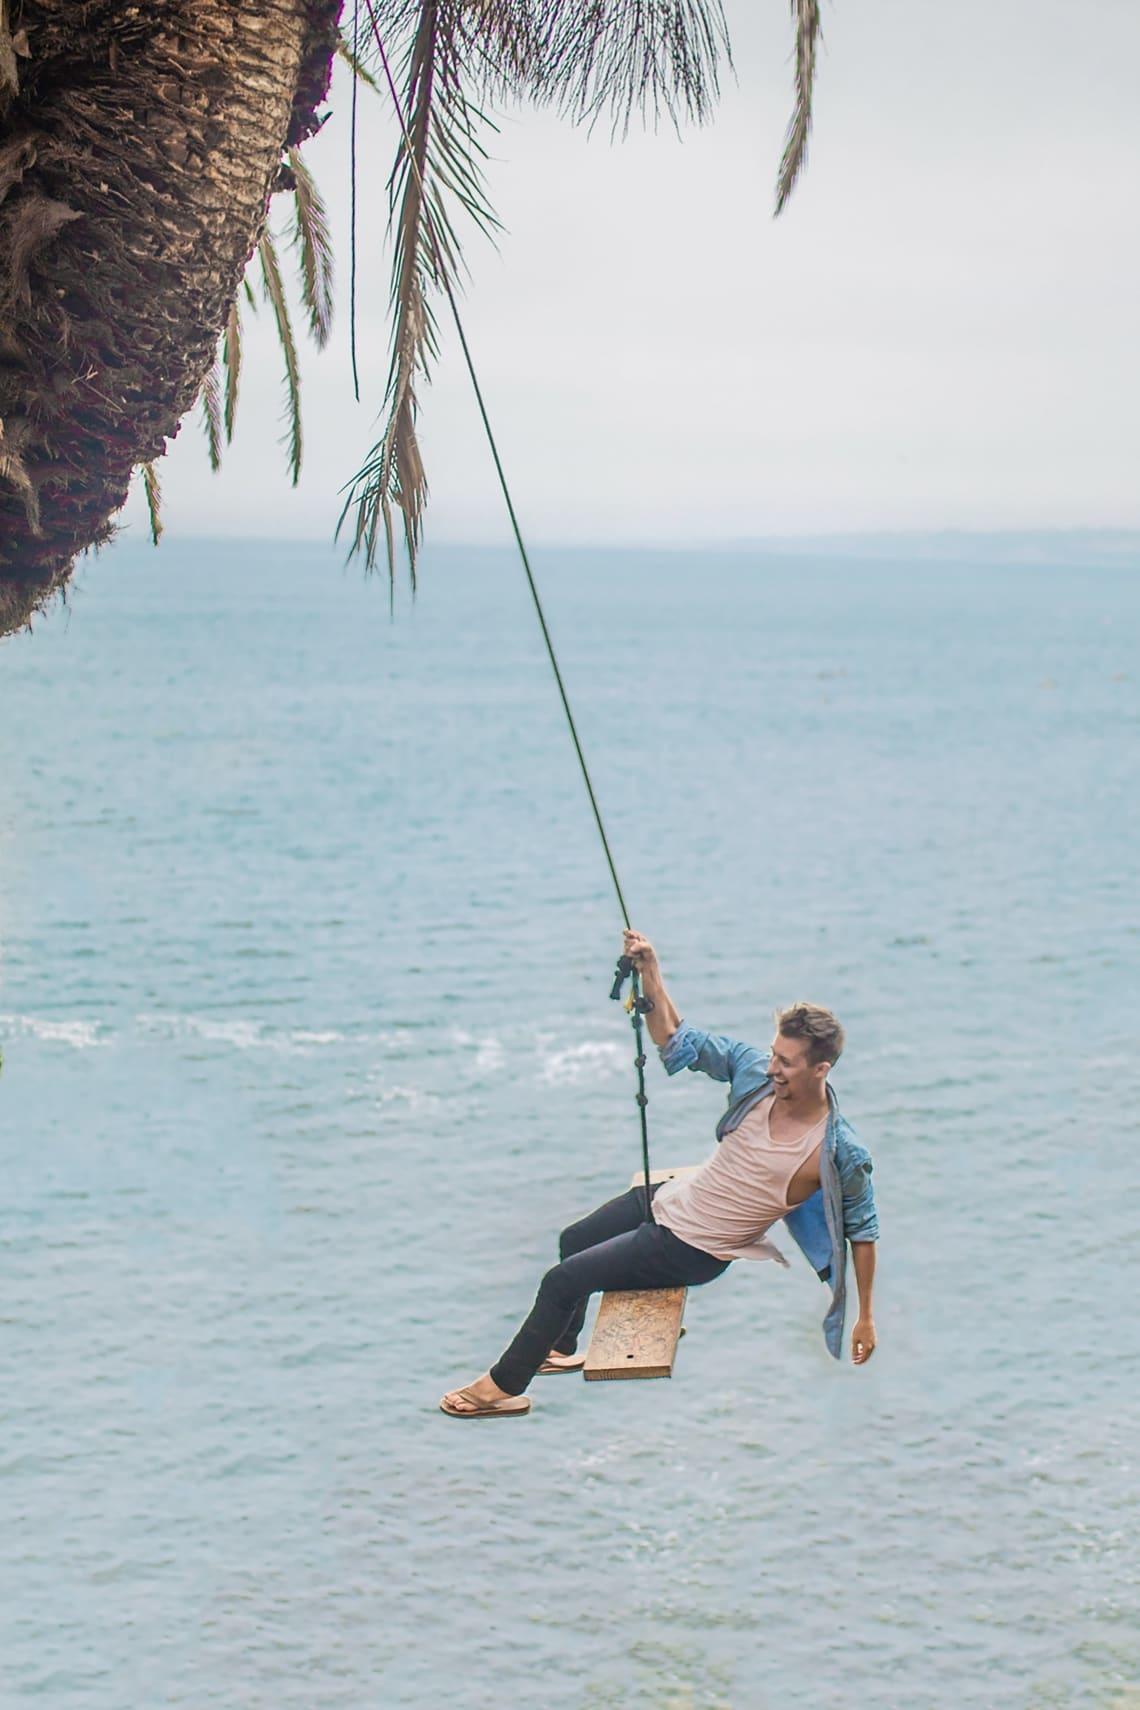 Happy solo traveler swinging over the ocean